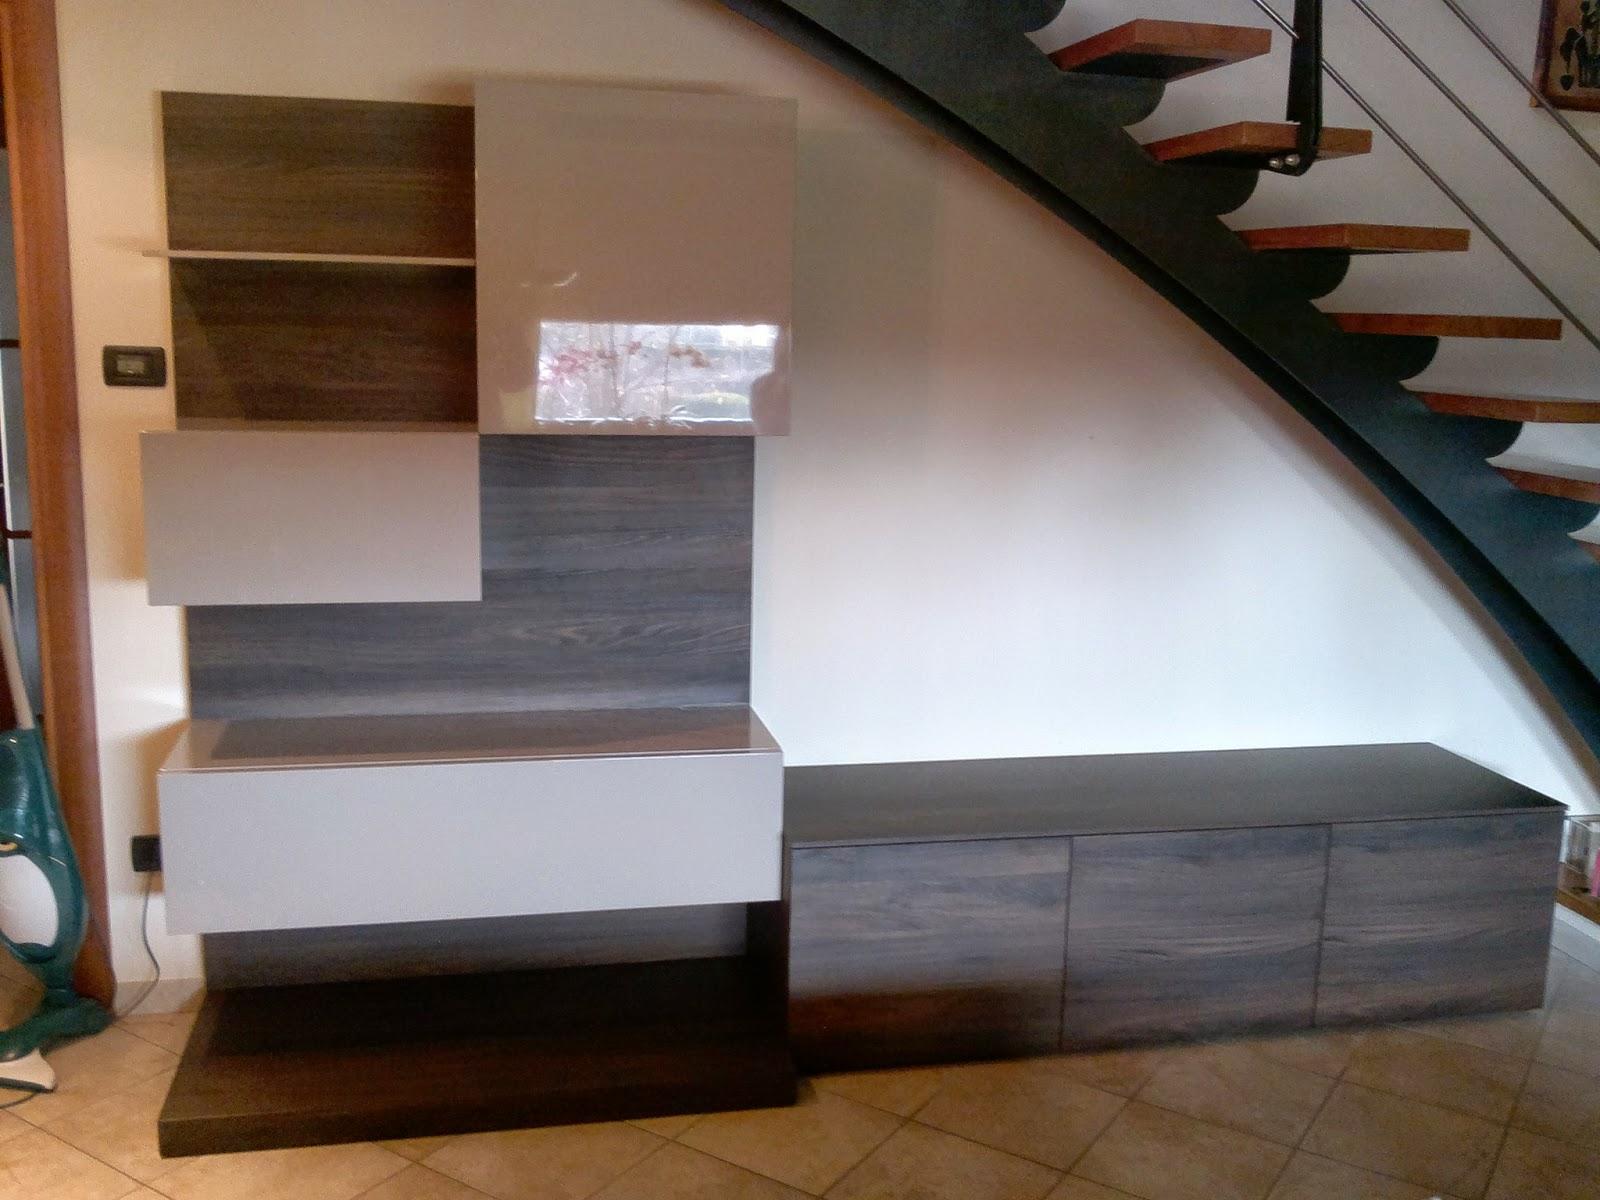 Loft abitare mobile che valorizza una bella scala - Arredare sottoscala soggiorno ...